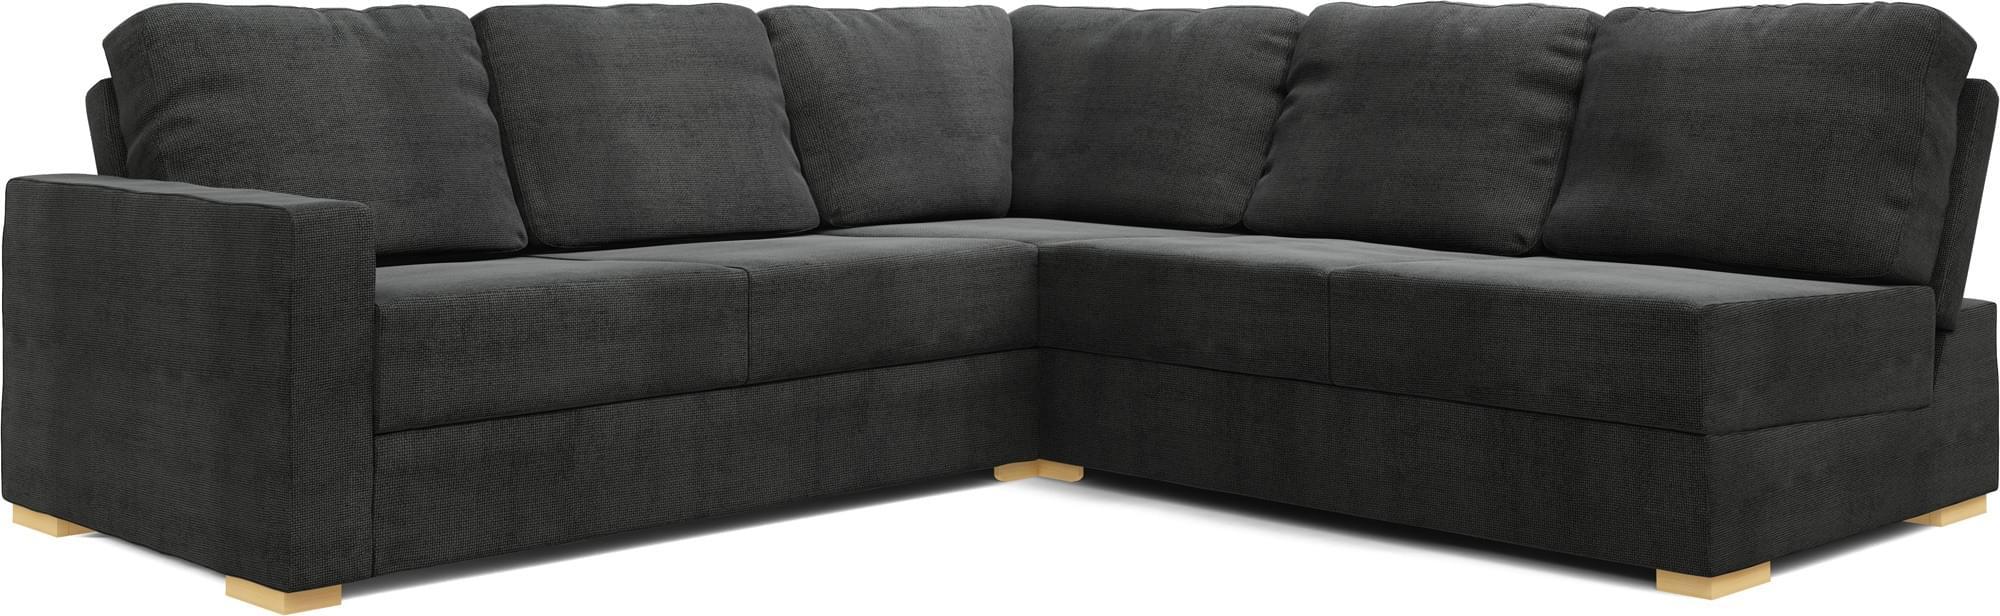 Alda Armless 3x3 Corner Sofa Corner Sofas Nabru